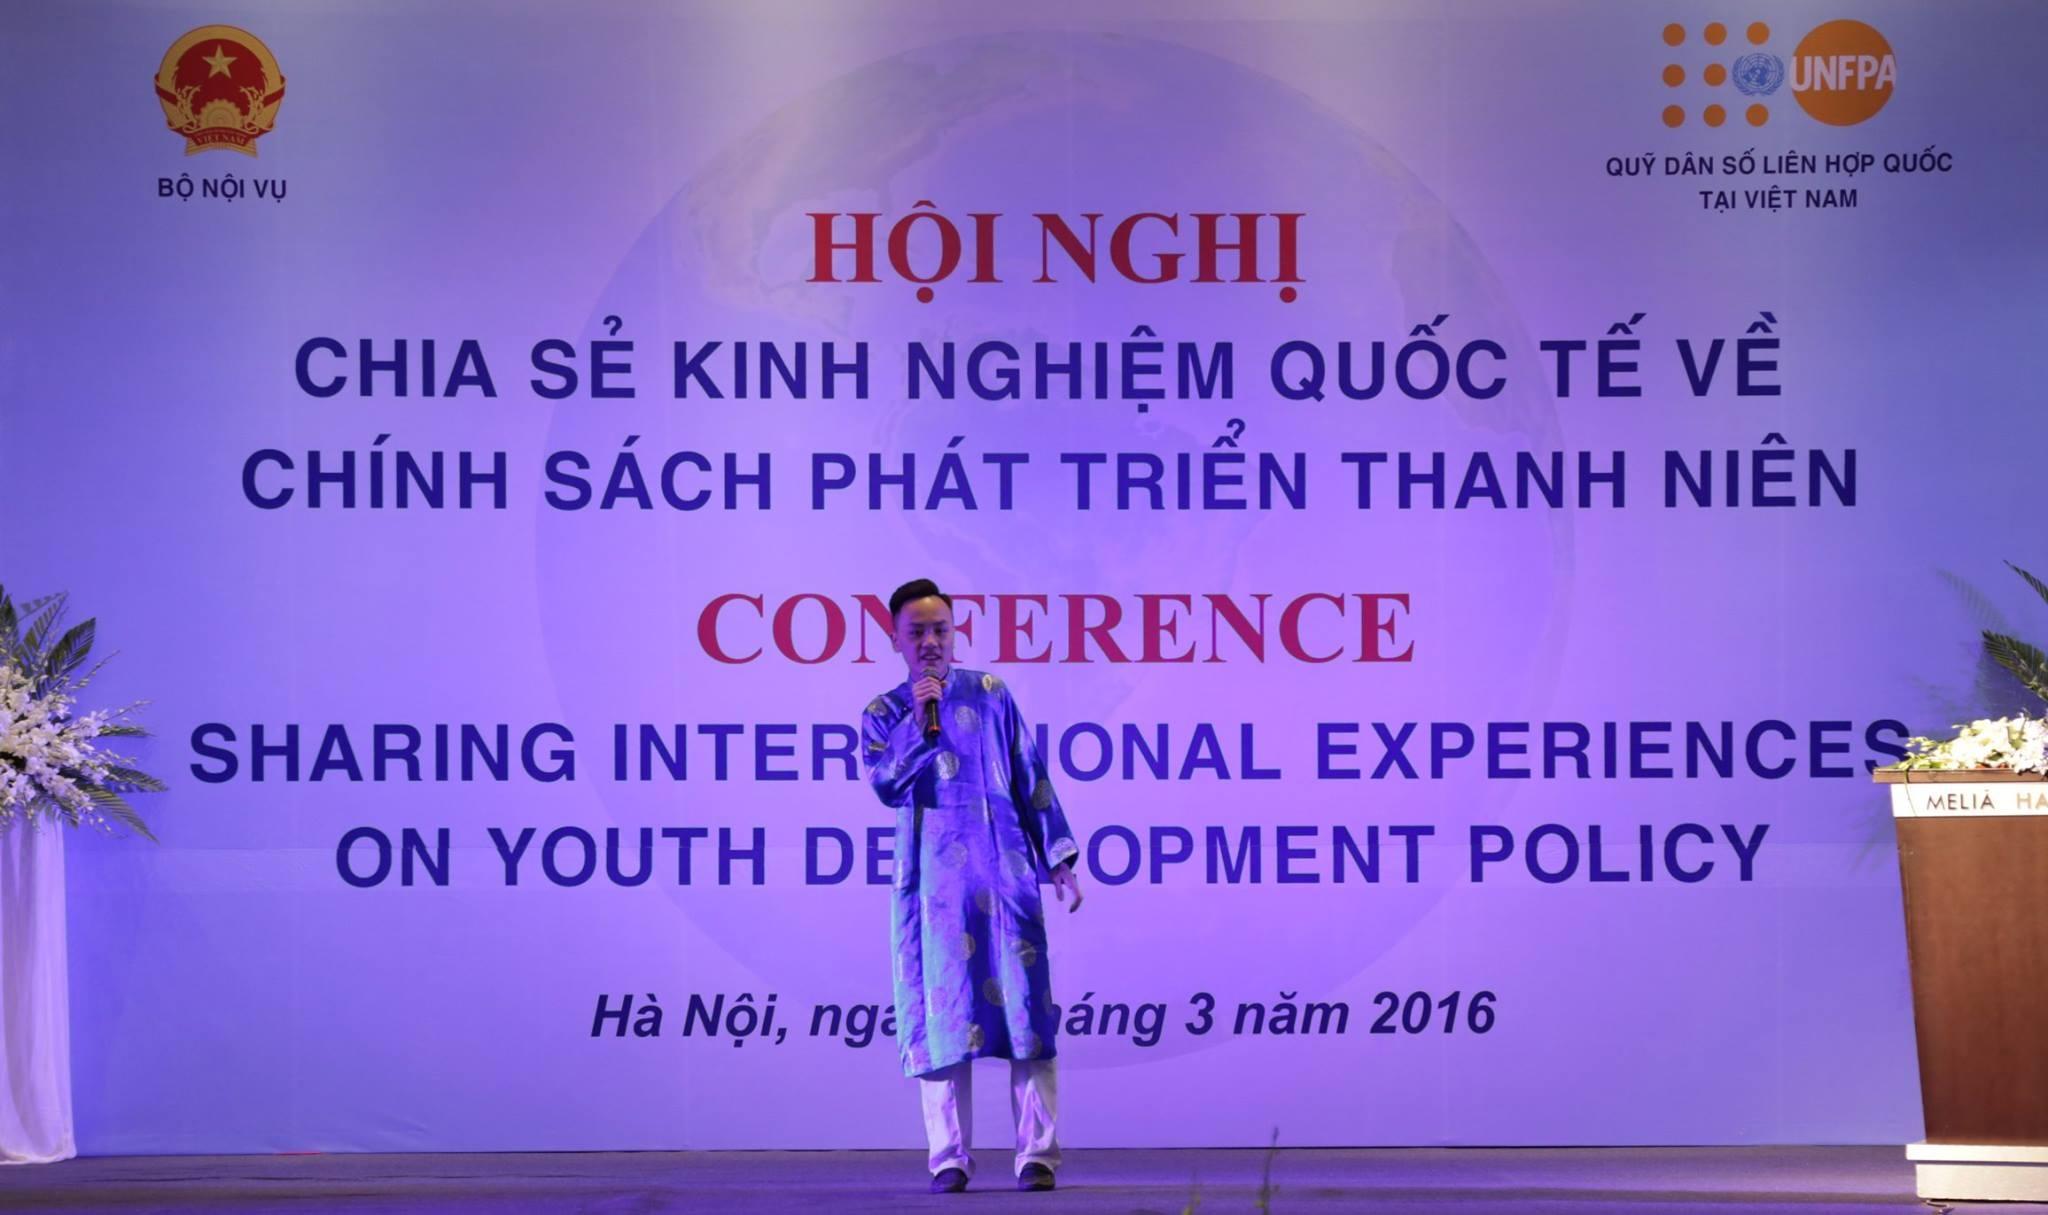 Theo báo cáo Quốc gia về thanh niên Việt Nam, thanh niên (từ 16-30 tuổi) đang chiếm 27,7% dân số